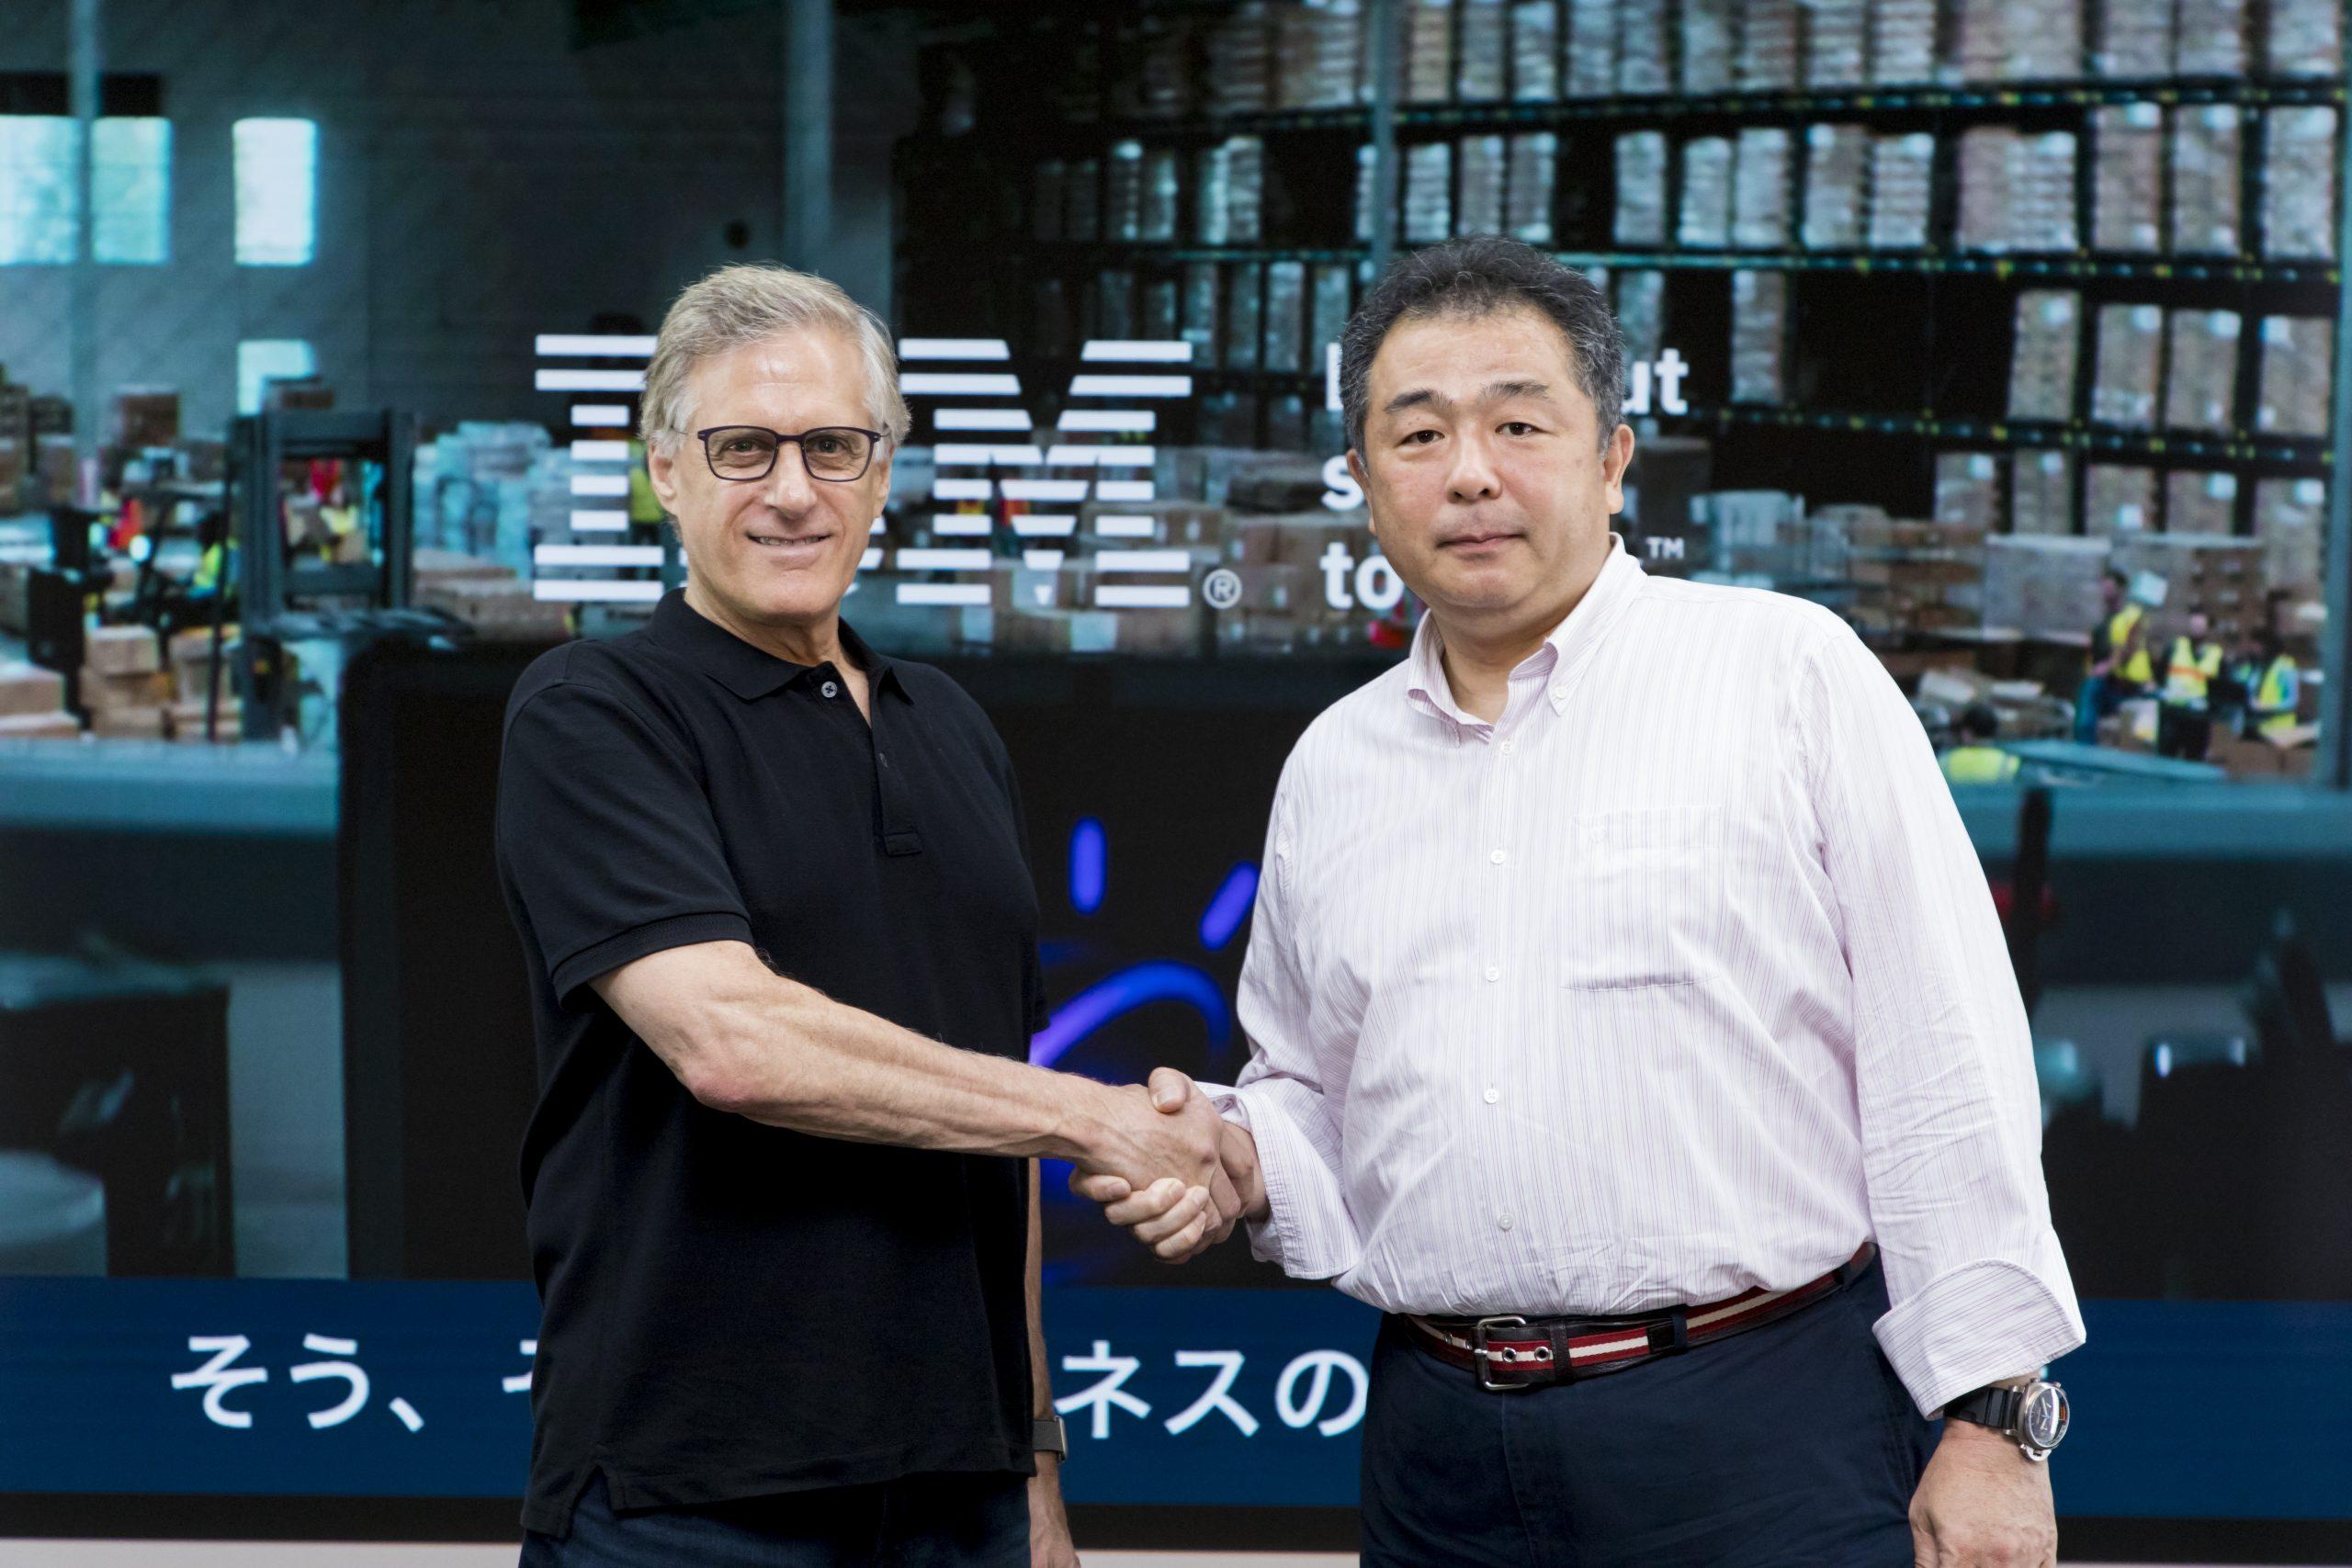 Marty and Tamba-san shaking hands at SoftBank World